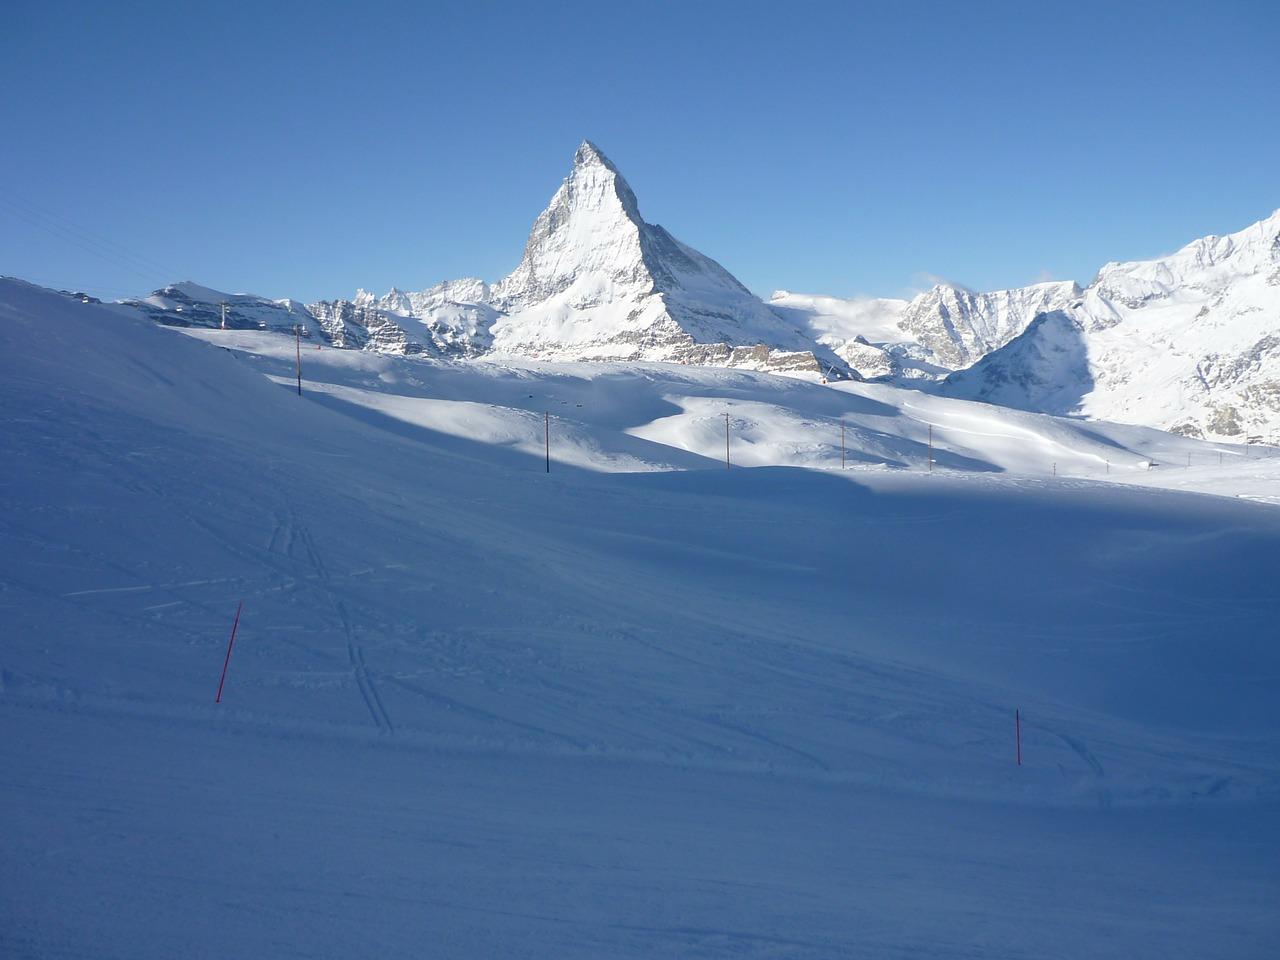 Traumhaftes Skigebiet von Zermatt